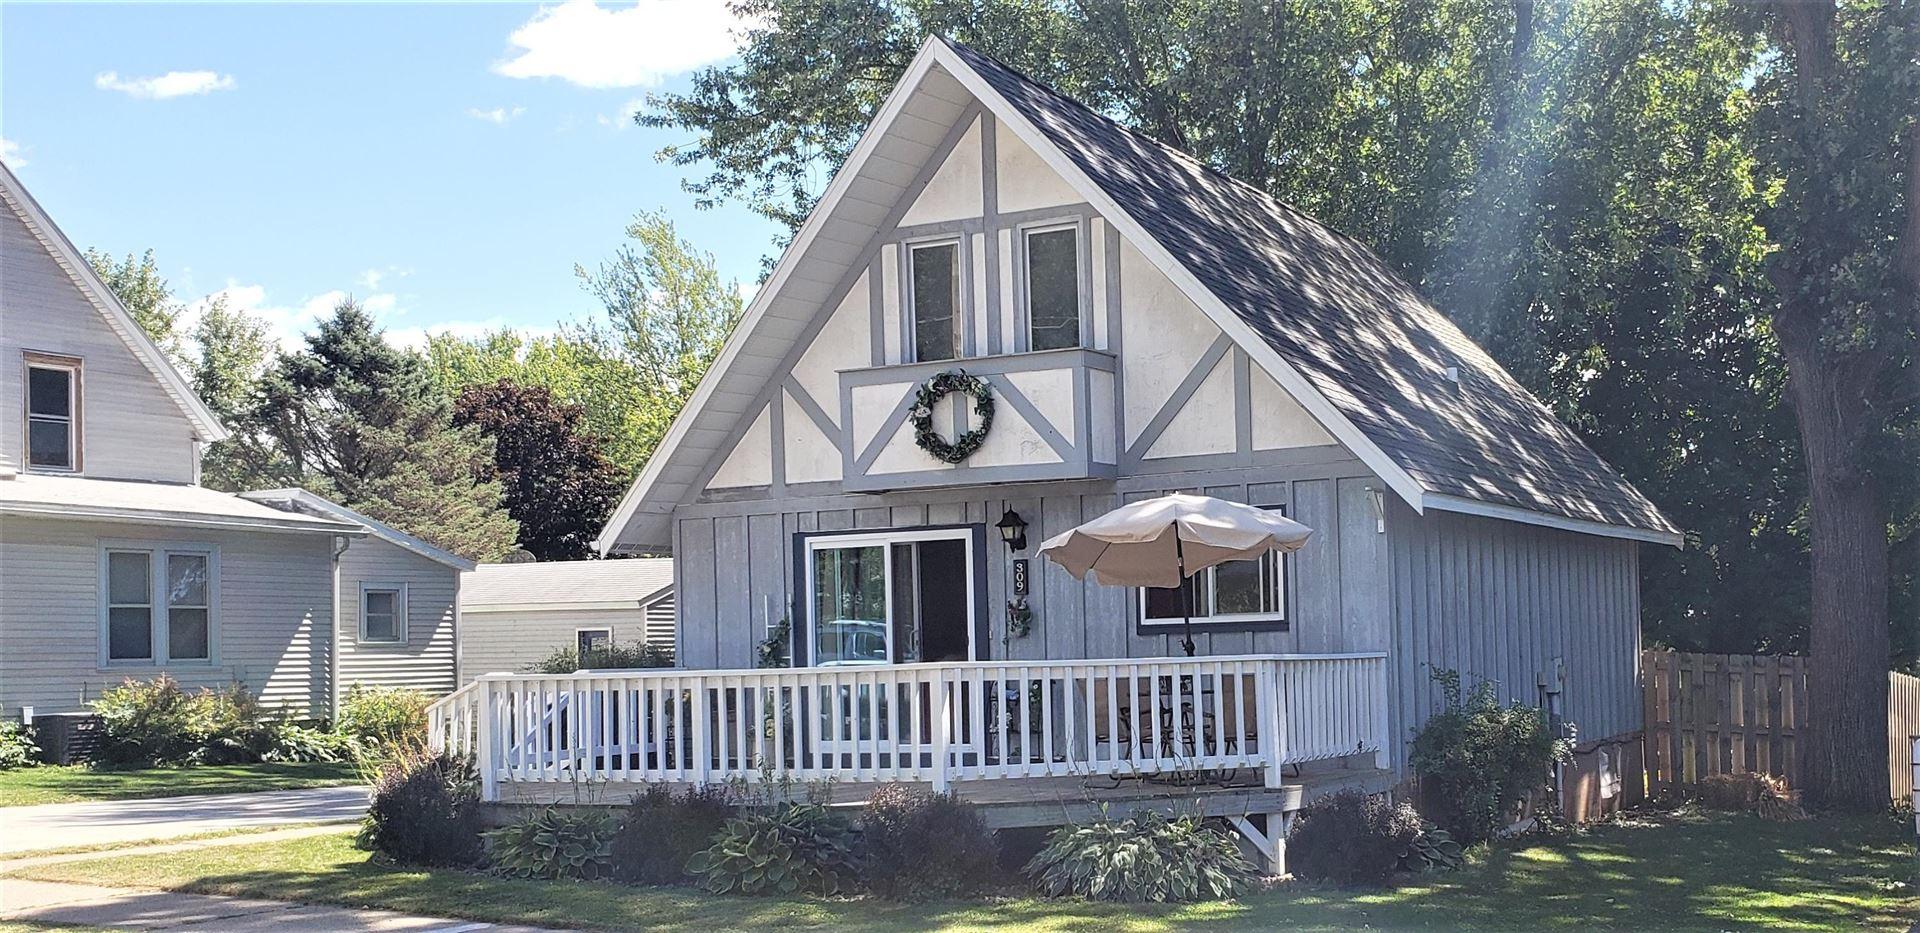 309 W Maple St, Viroqua, WI 54665 - MLS#: 1707454